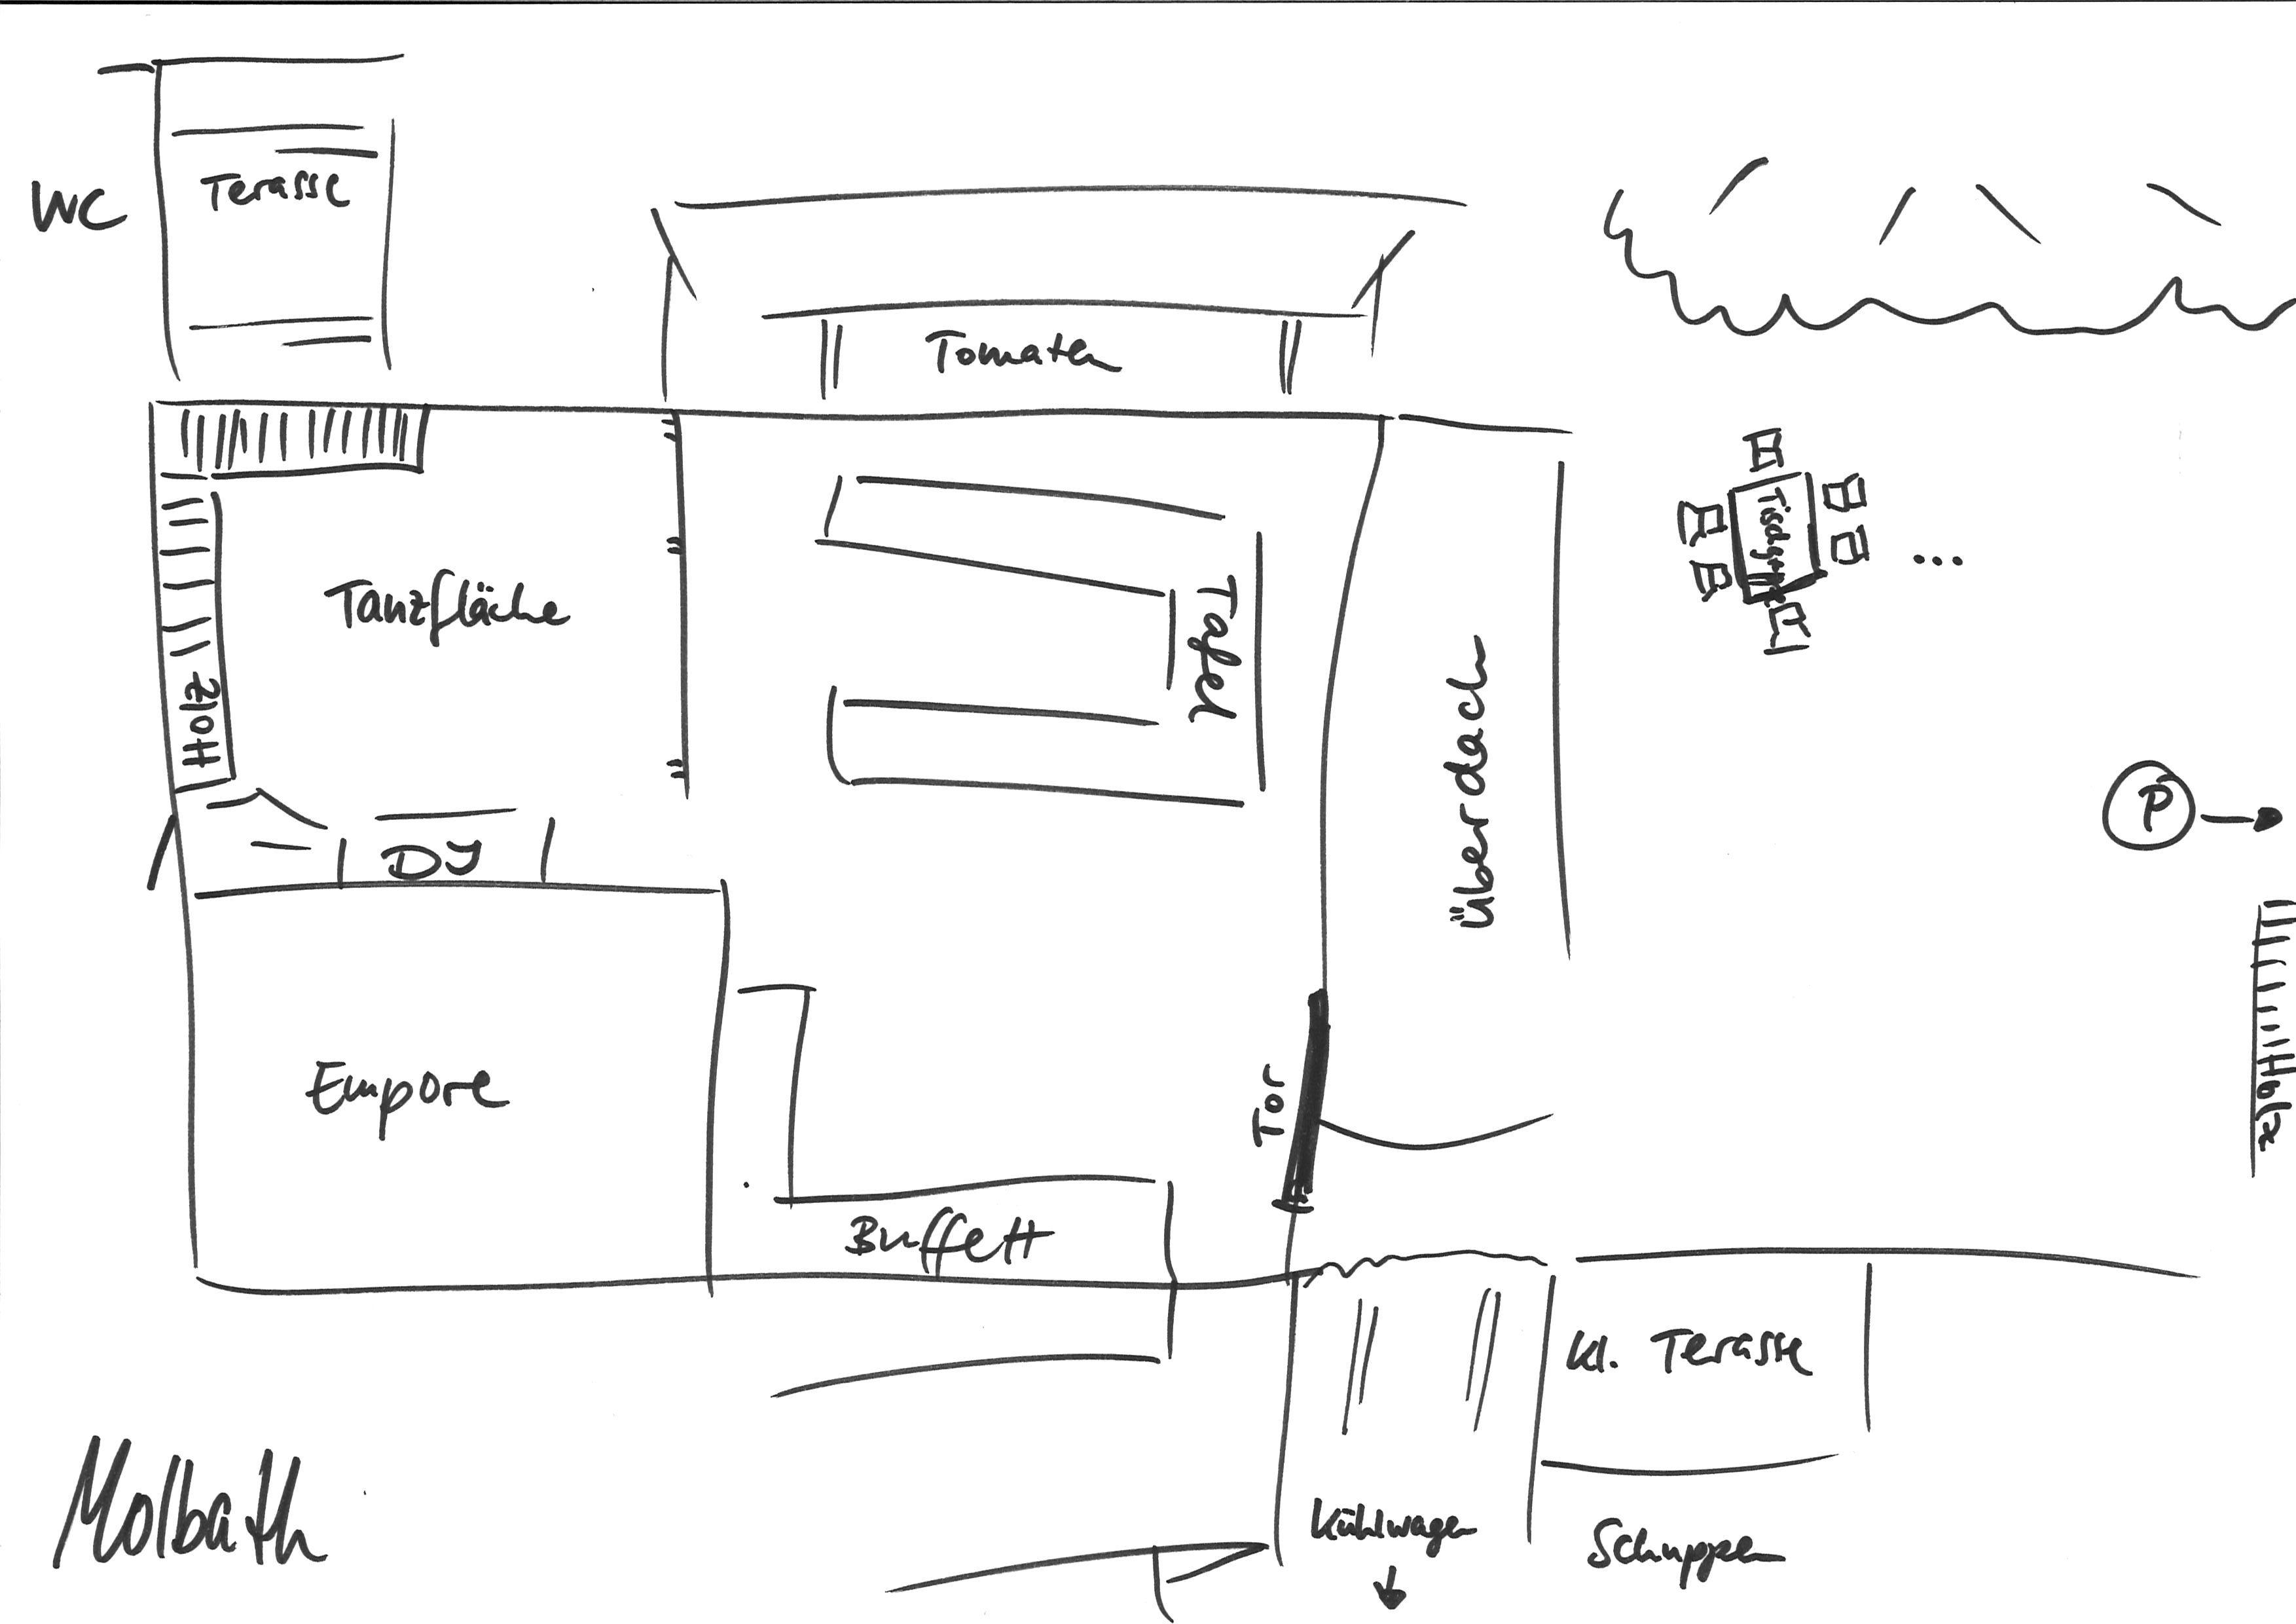 Geländeplan Molbath mit eingetragenen Details